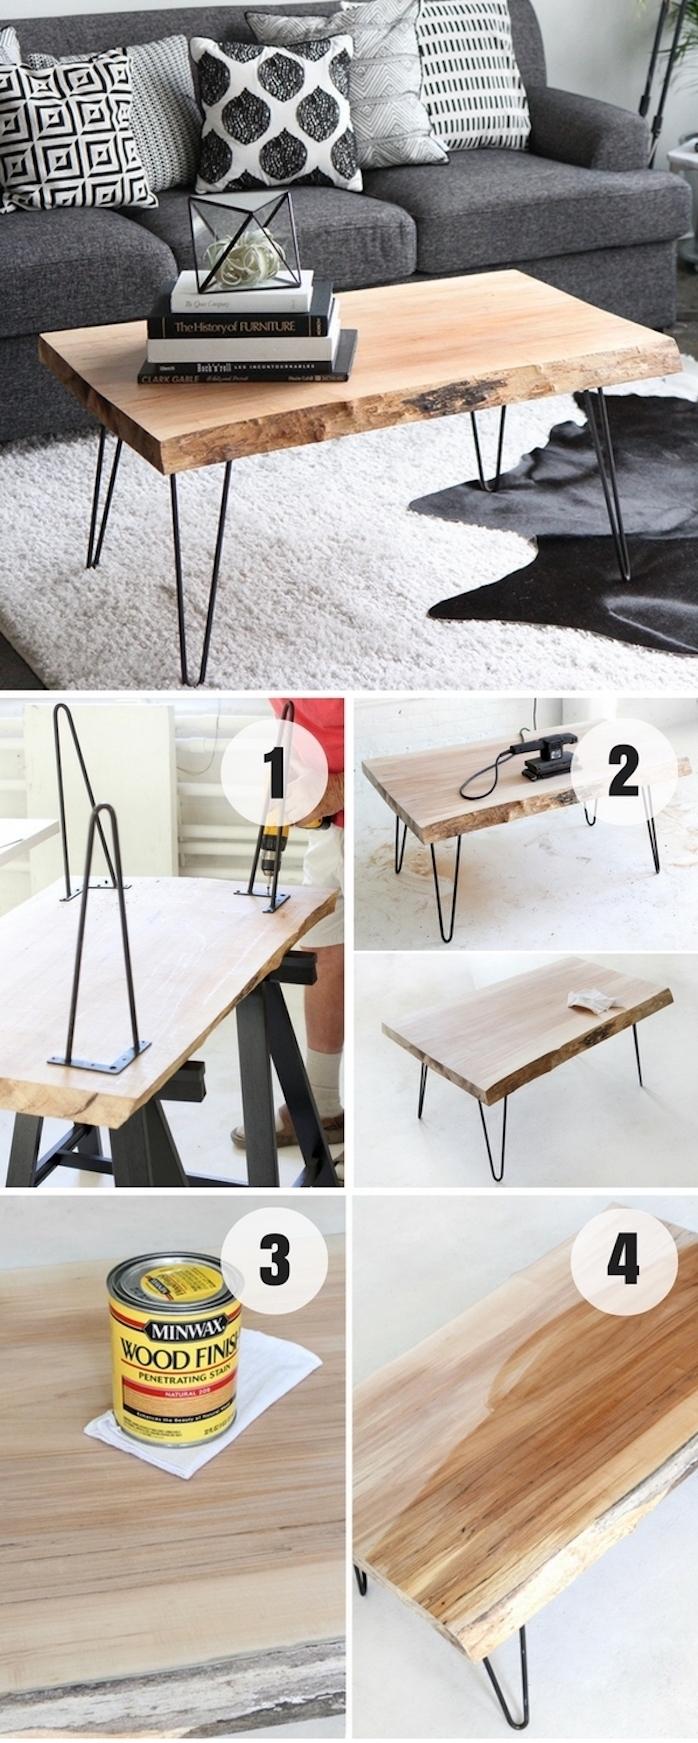 idée comment fabriquer table basse bois brut avec des pieds en epingle a cheveux, canapé gris et coussins gris, noir et blanc